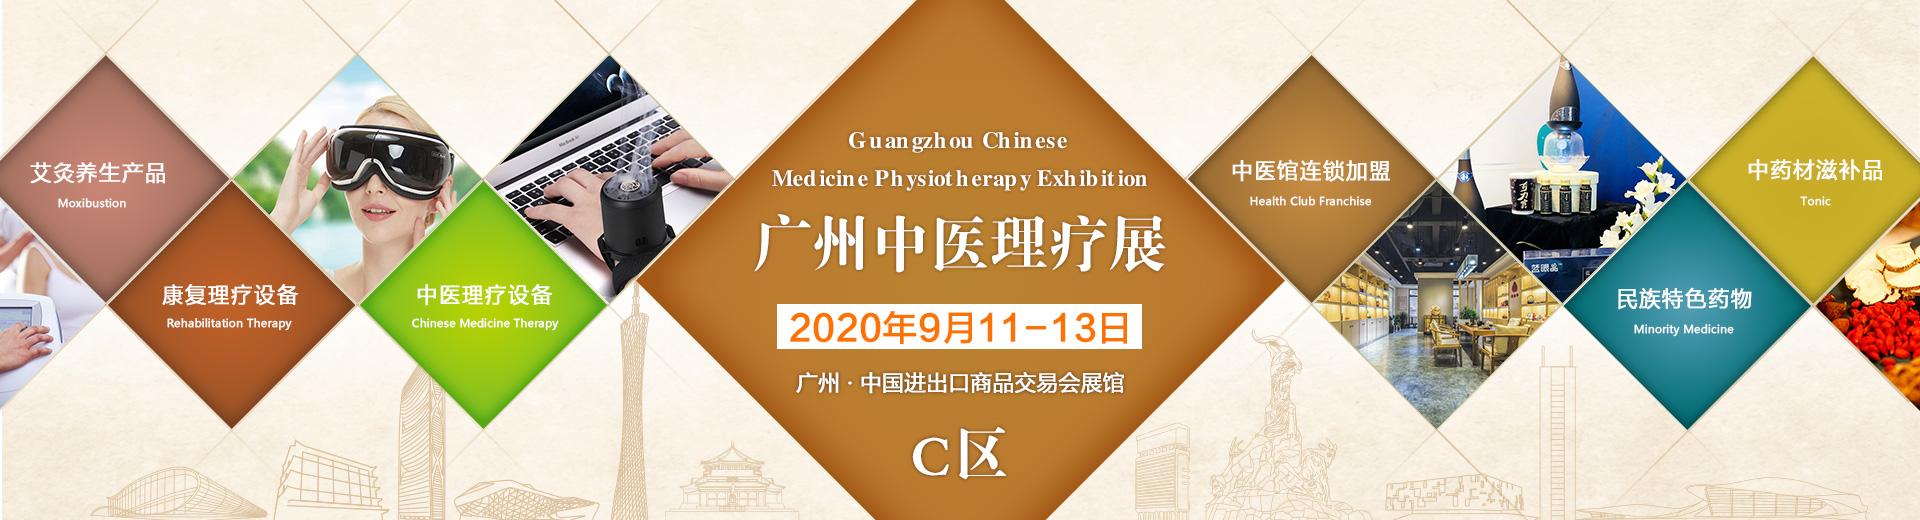 浙江中藥材滋補品2020廣州中醫養生展